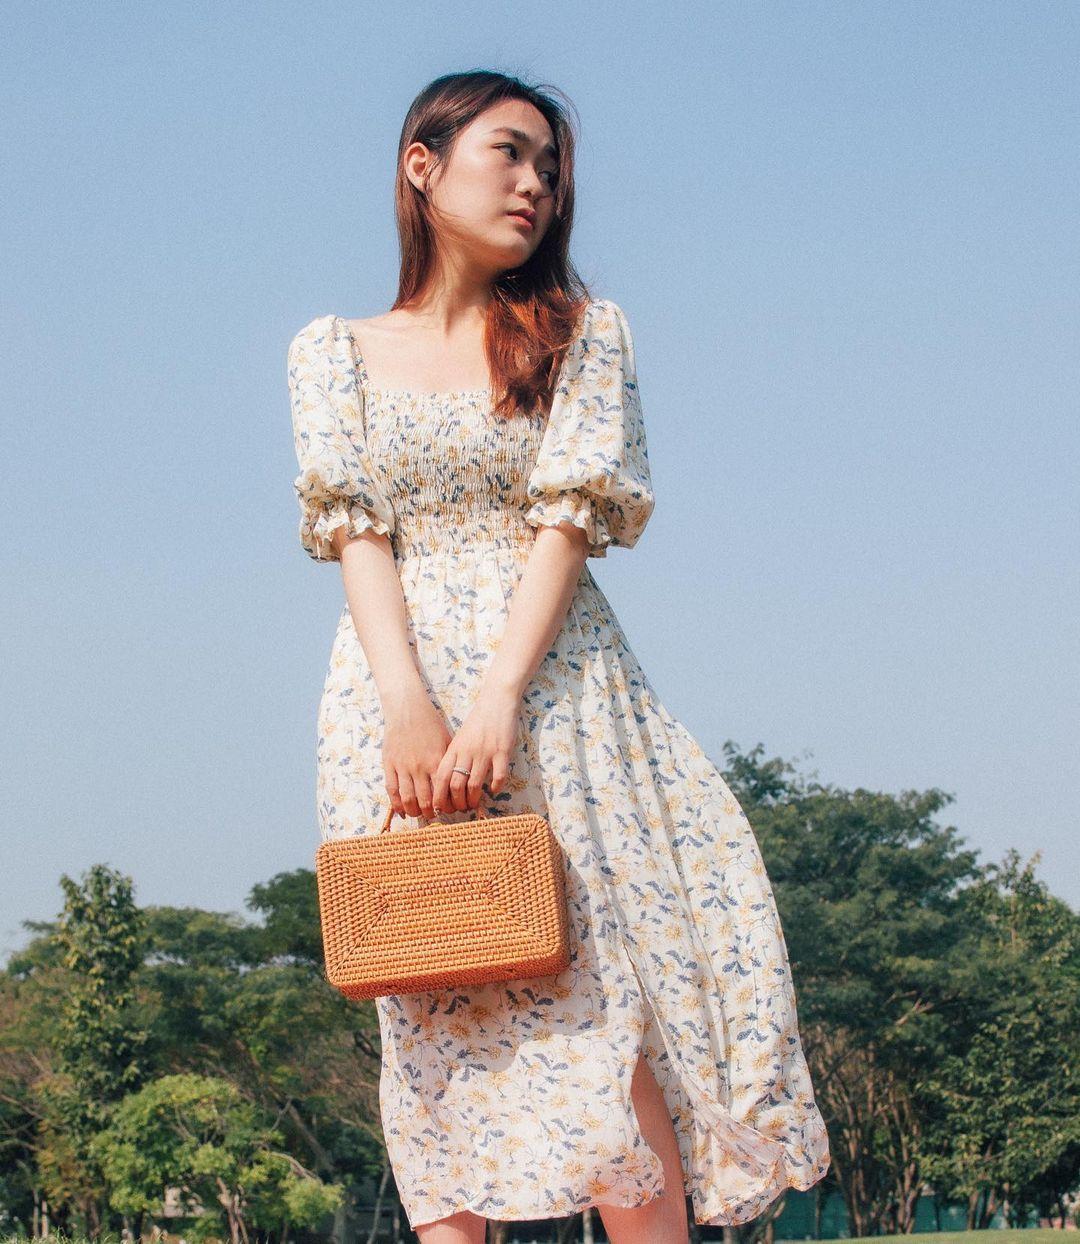 Đầu xuân Hòa Minzy mua váy hoa vintage, chị em muốn xinh như nàng thơ nên bắt chước - Ảnh 4.